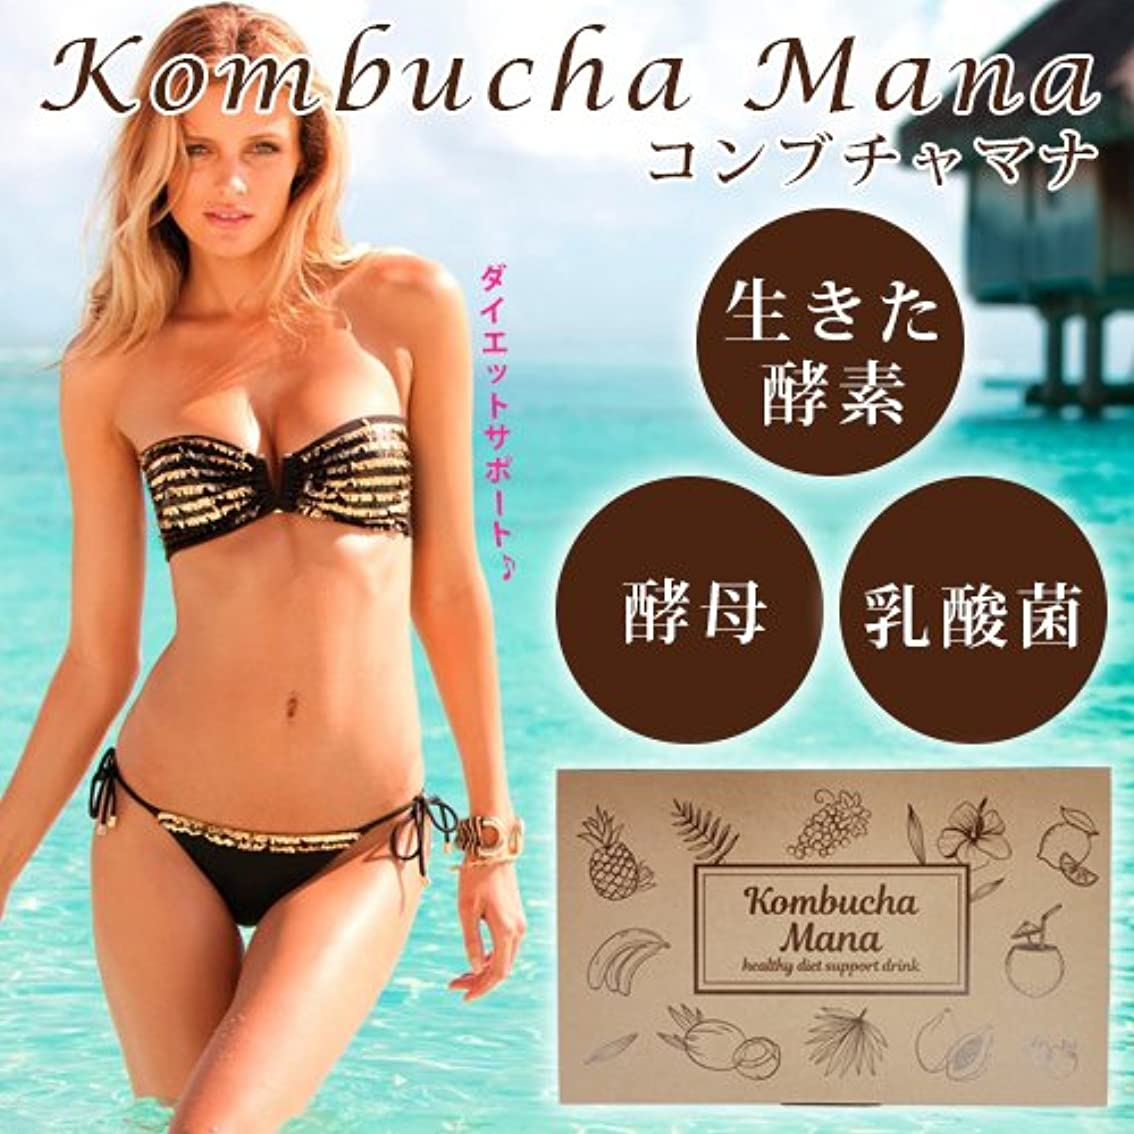 迷路怒って涙が出るコンブチャマナ(Kombucha Mana)ダイエットクレンジングドリンク (1箱)